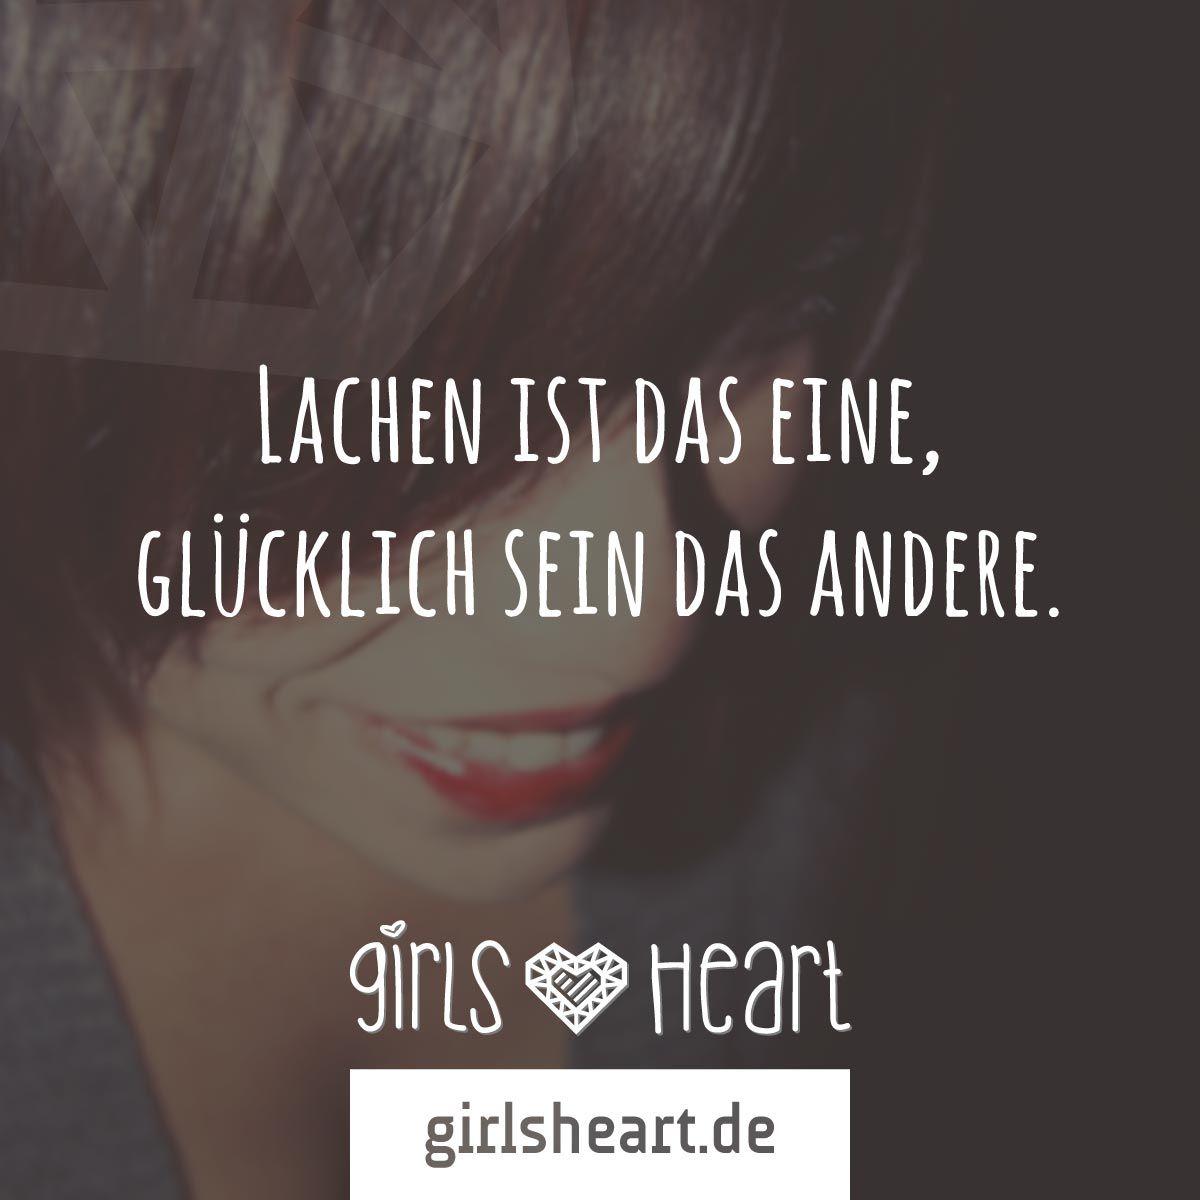 Mehr Sprüche Auf: Www.girlsheart.de #lachen #glücklich #glück #